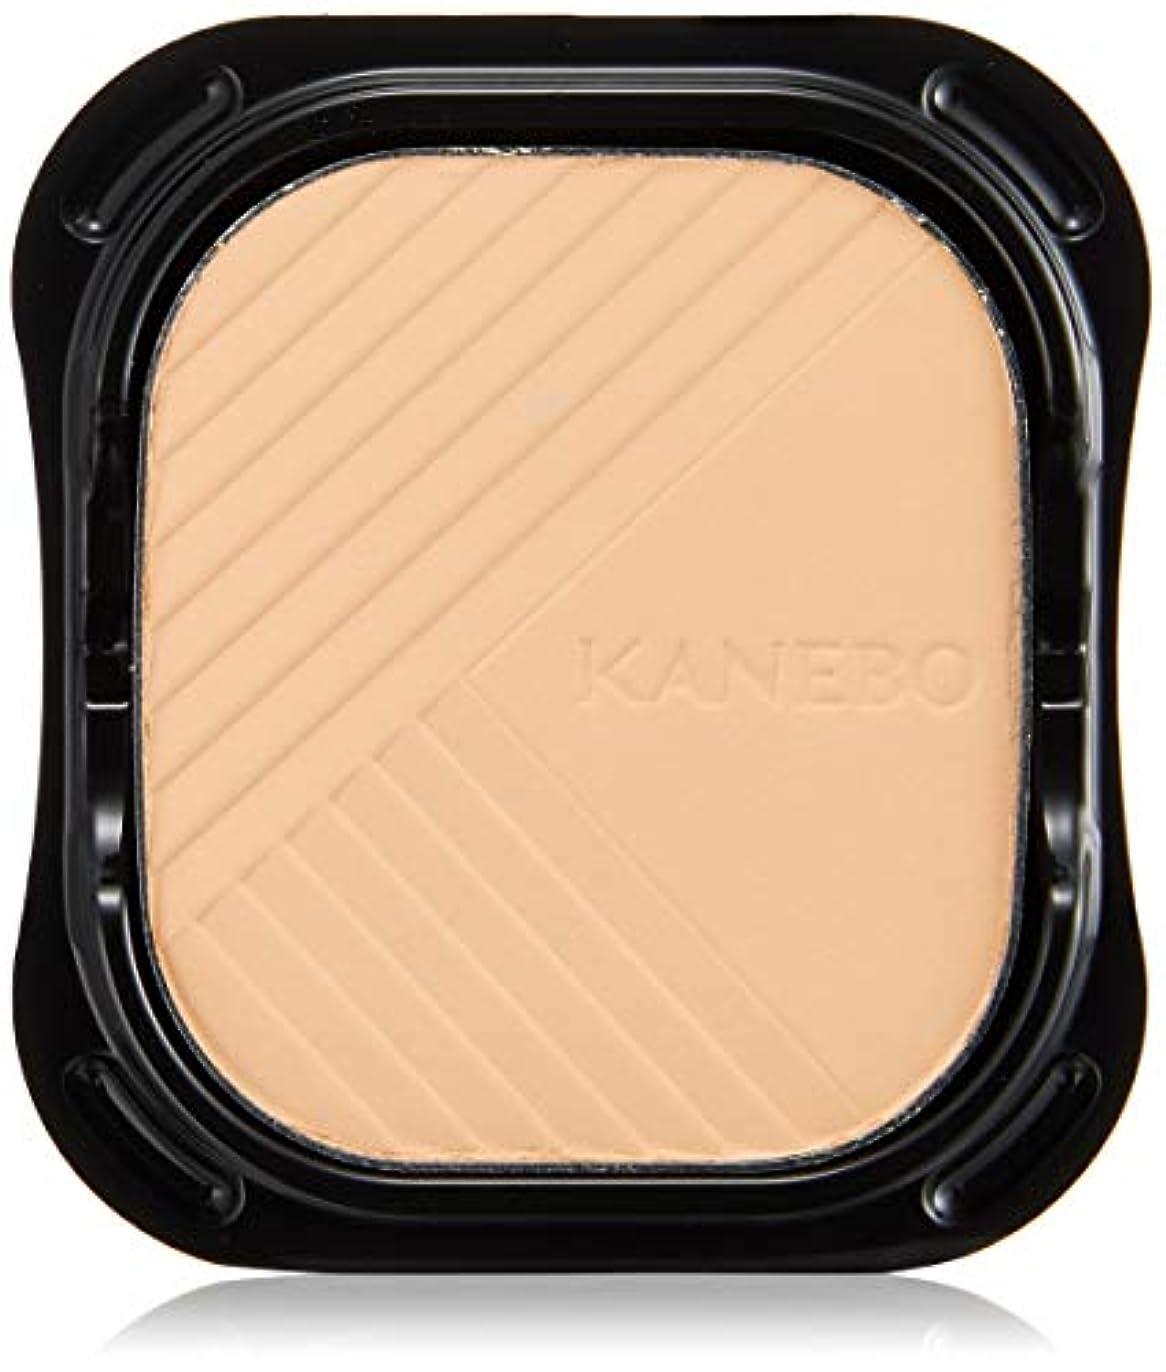 頼むと闘う配置KANEBO(カネボウ) カネボウ ラスターパウダーファンデーション ベージュC SPF6/PA++ ファンデーション(パクト)